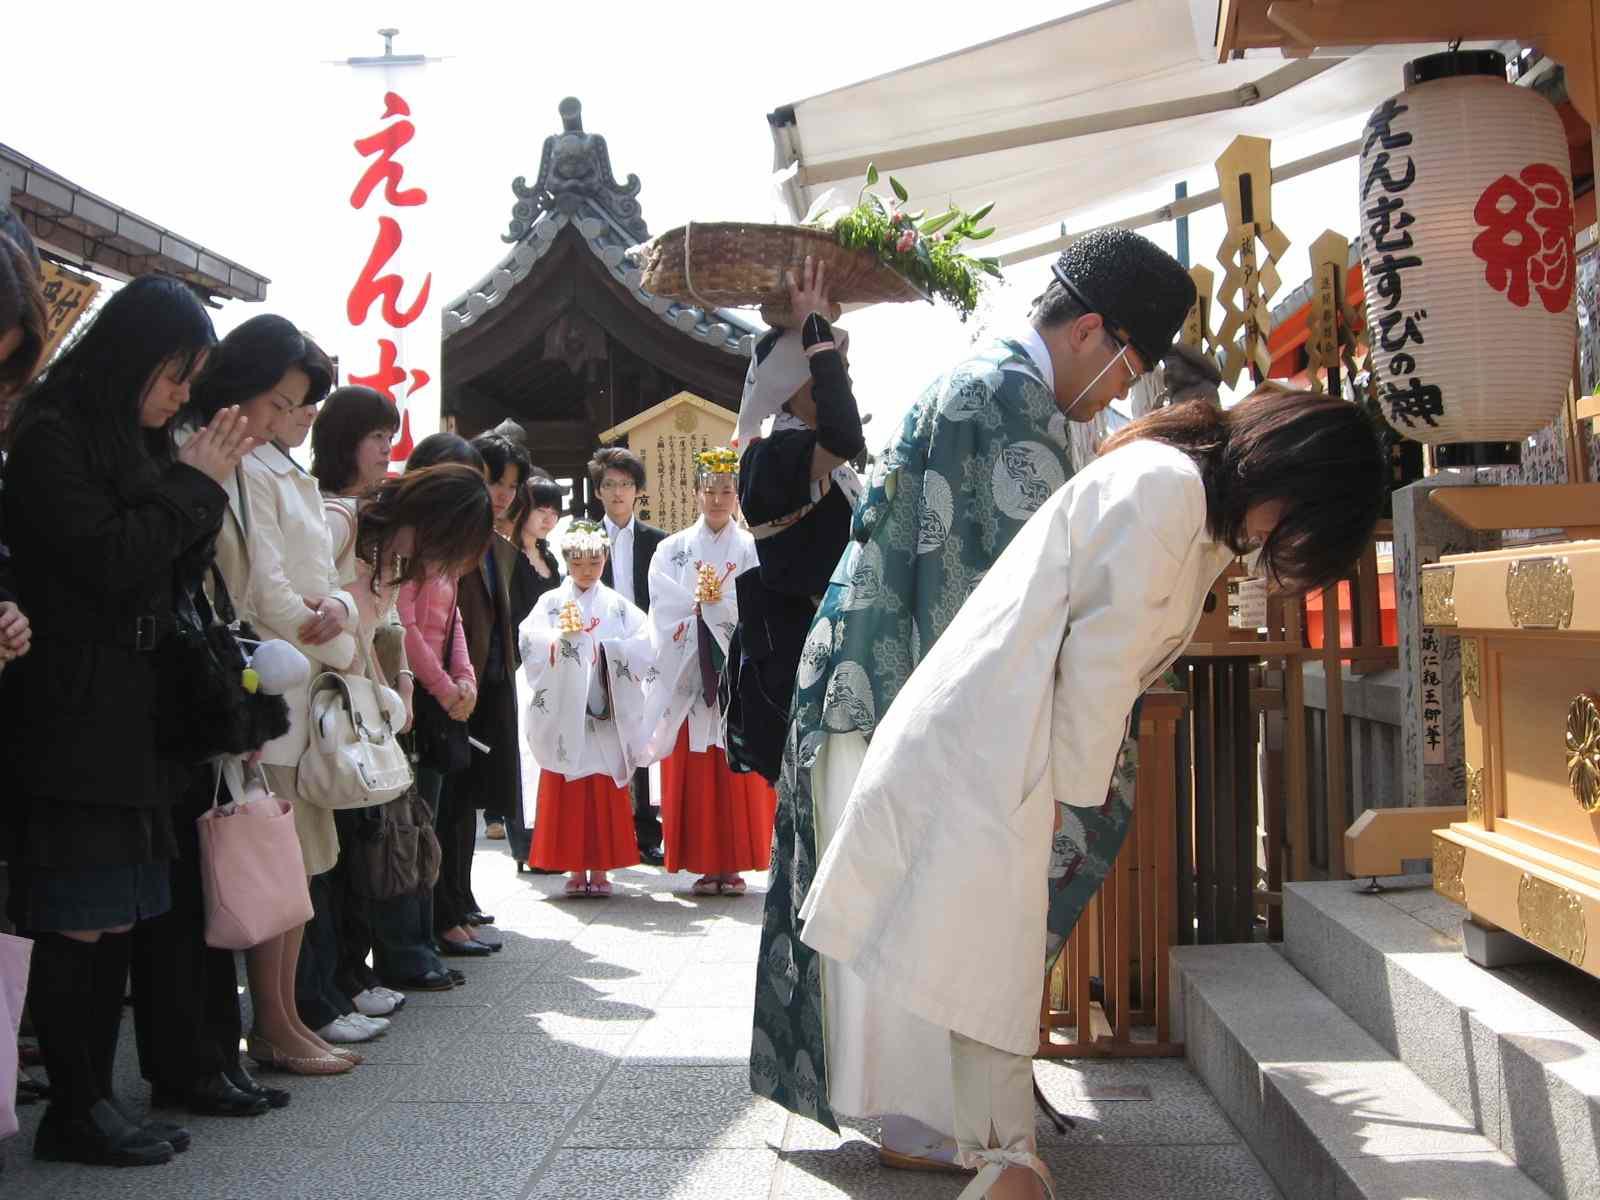 桜祭り 玉串拝礼